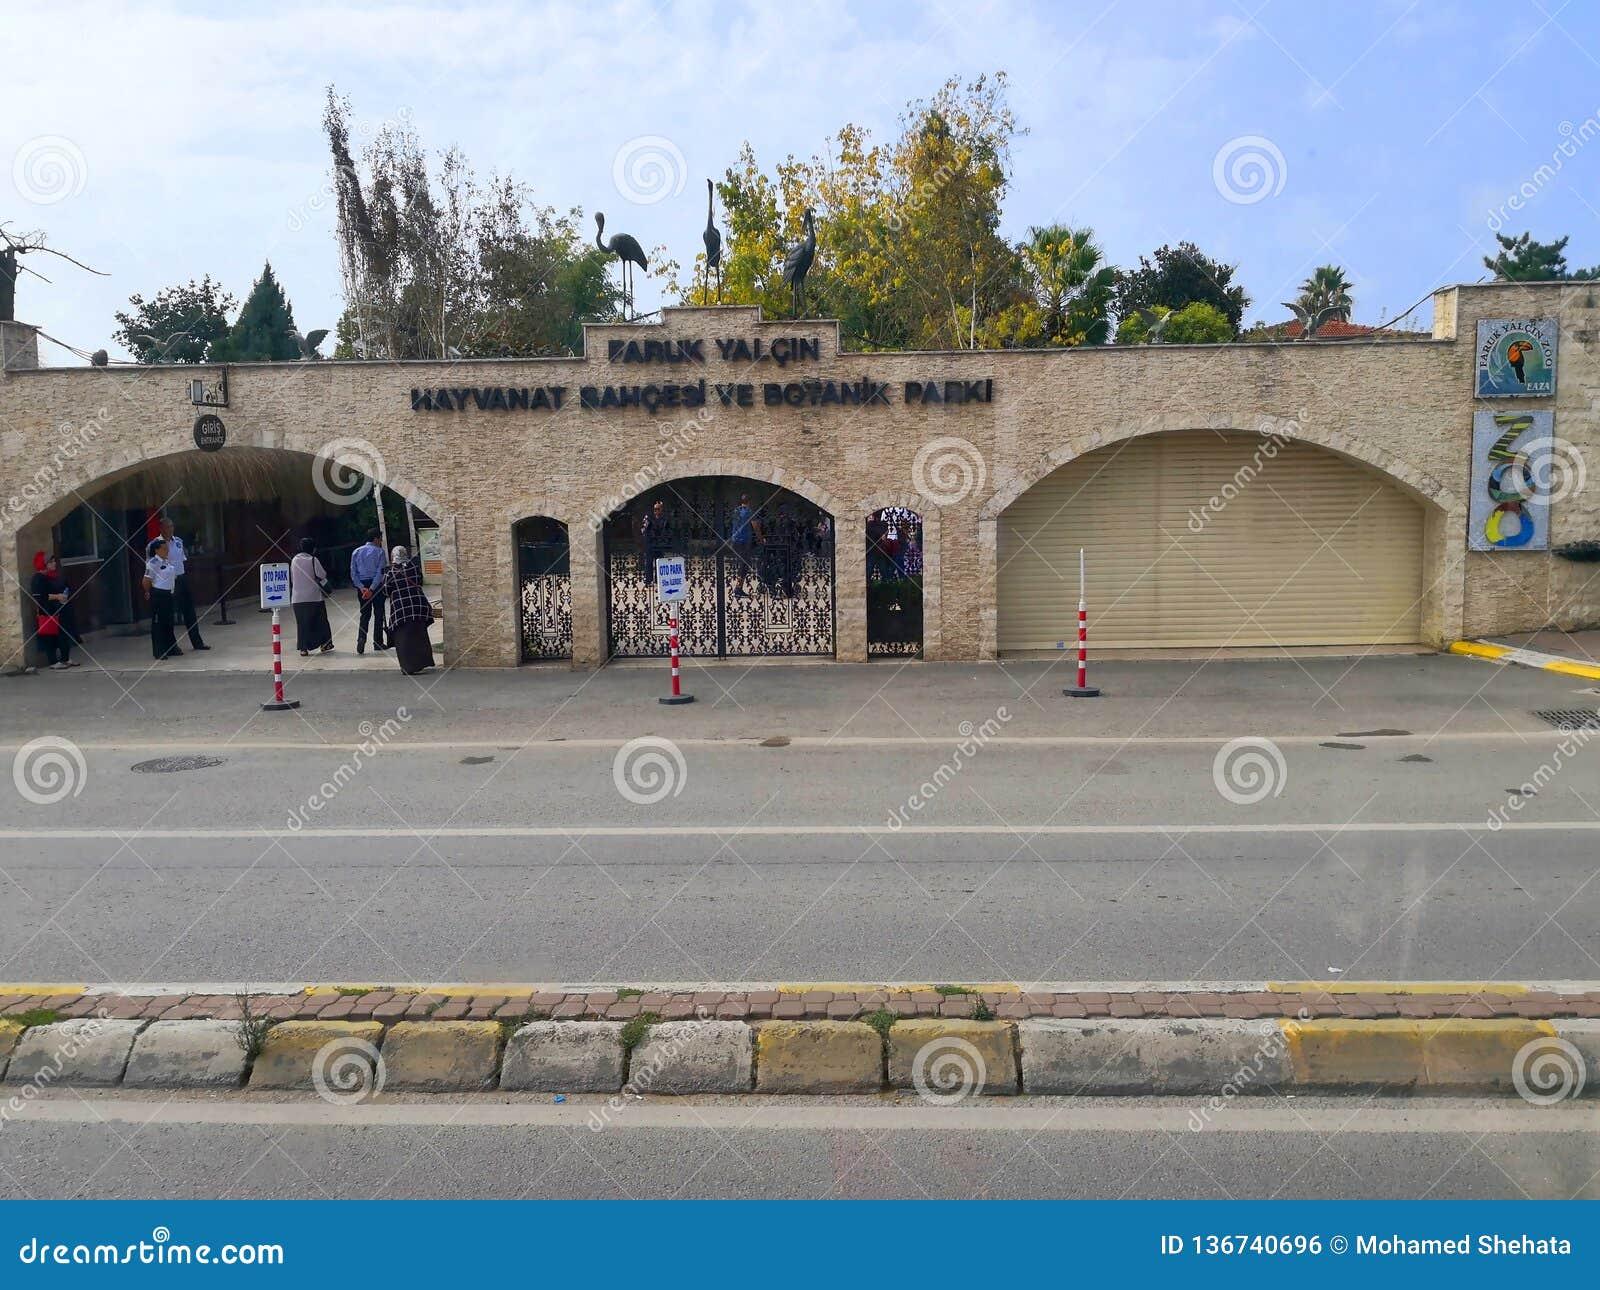 Zewnętrznie widok dla Faruk Yalcin zoo w Istanbul